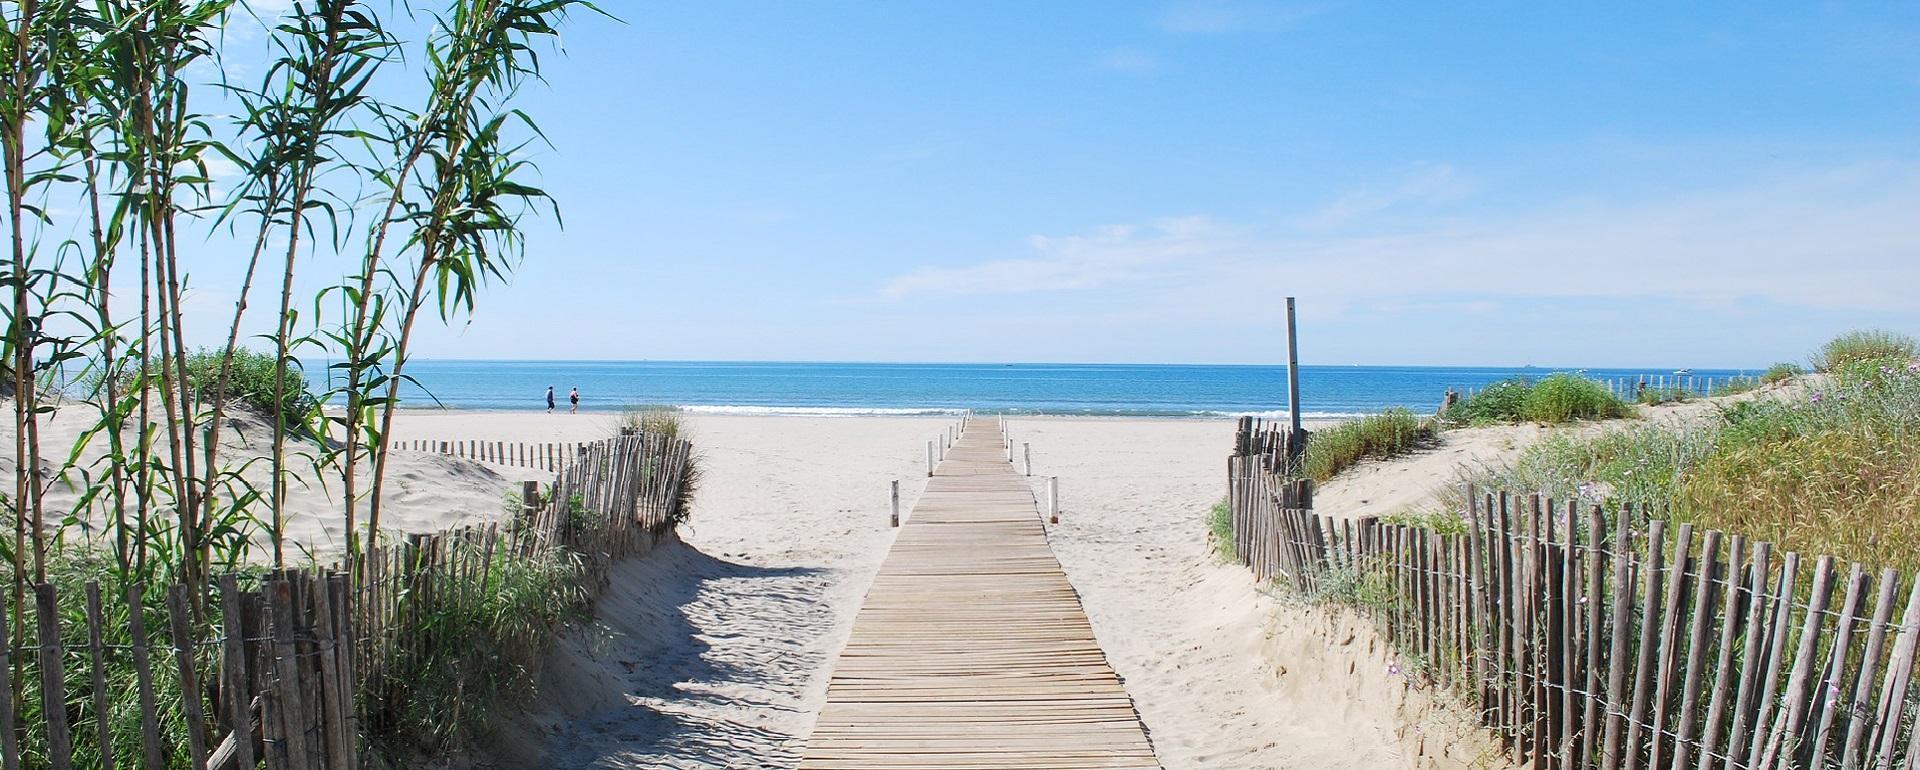 La plage à Carnon, près de Montpellier